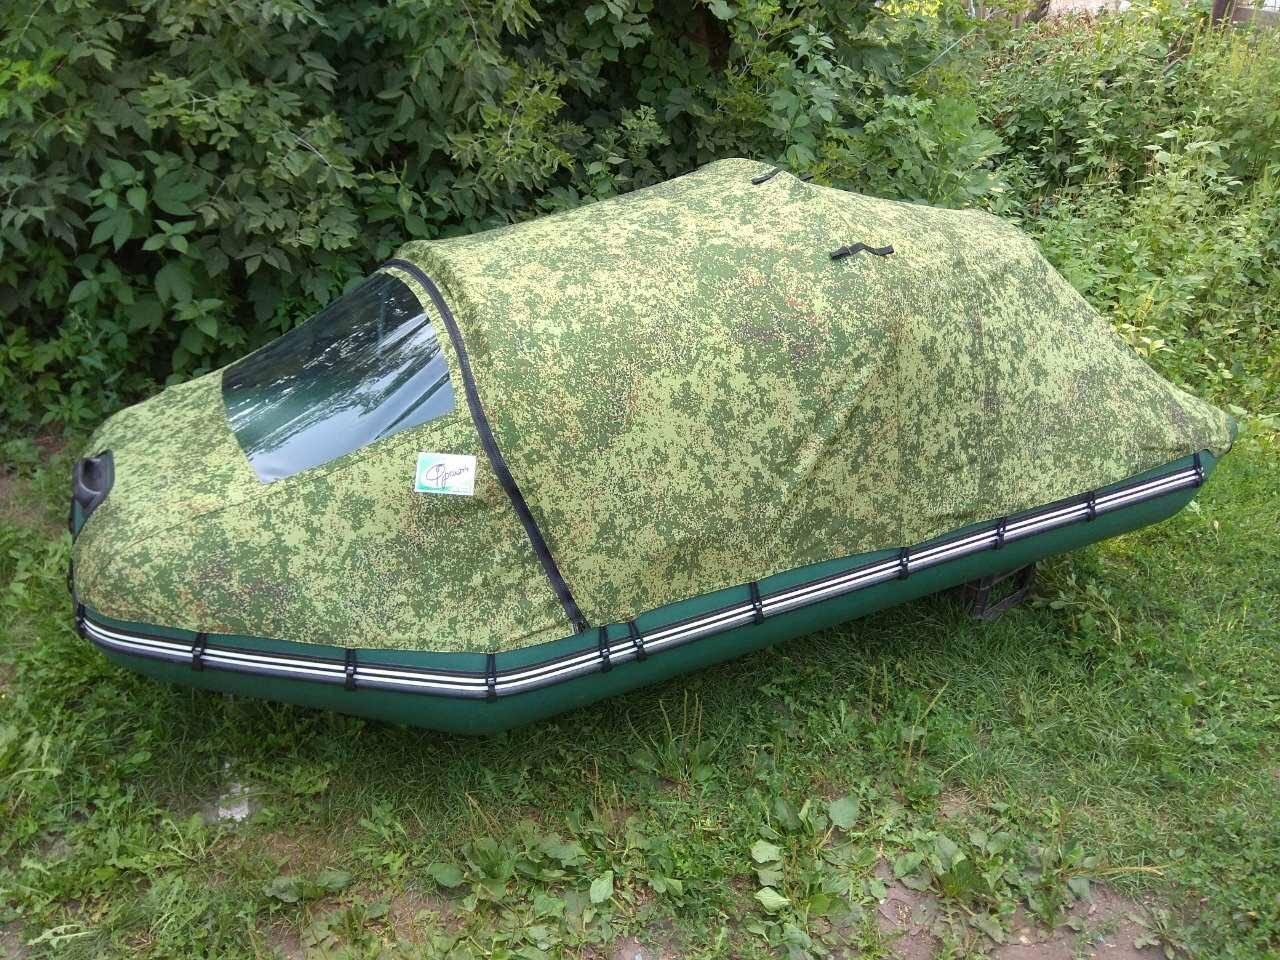 Тент на лодку пвх своими руками (носовой, ходовой, транспортировочный, стояночный) - изготовление, видео